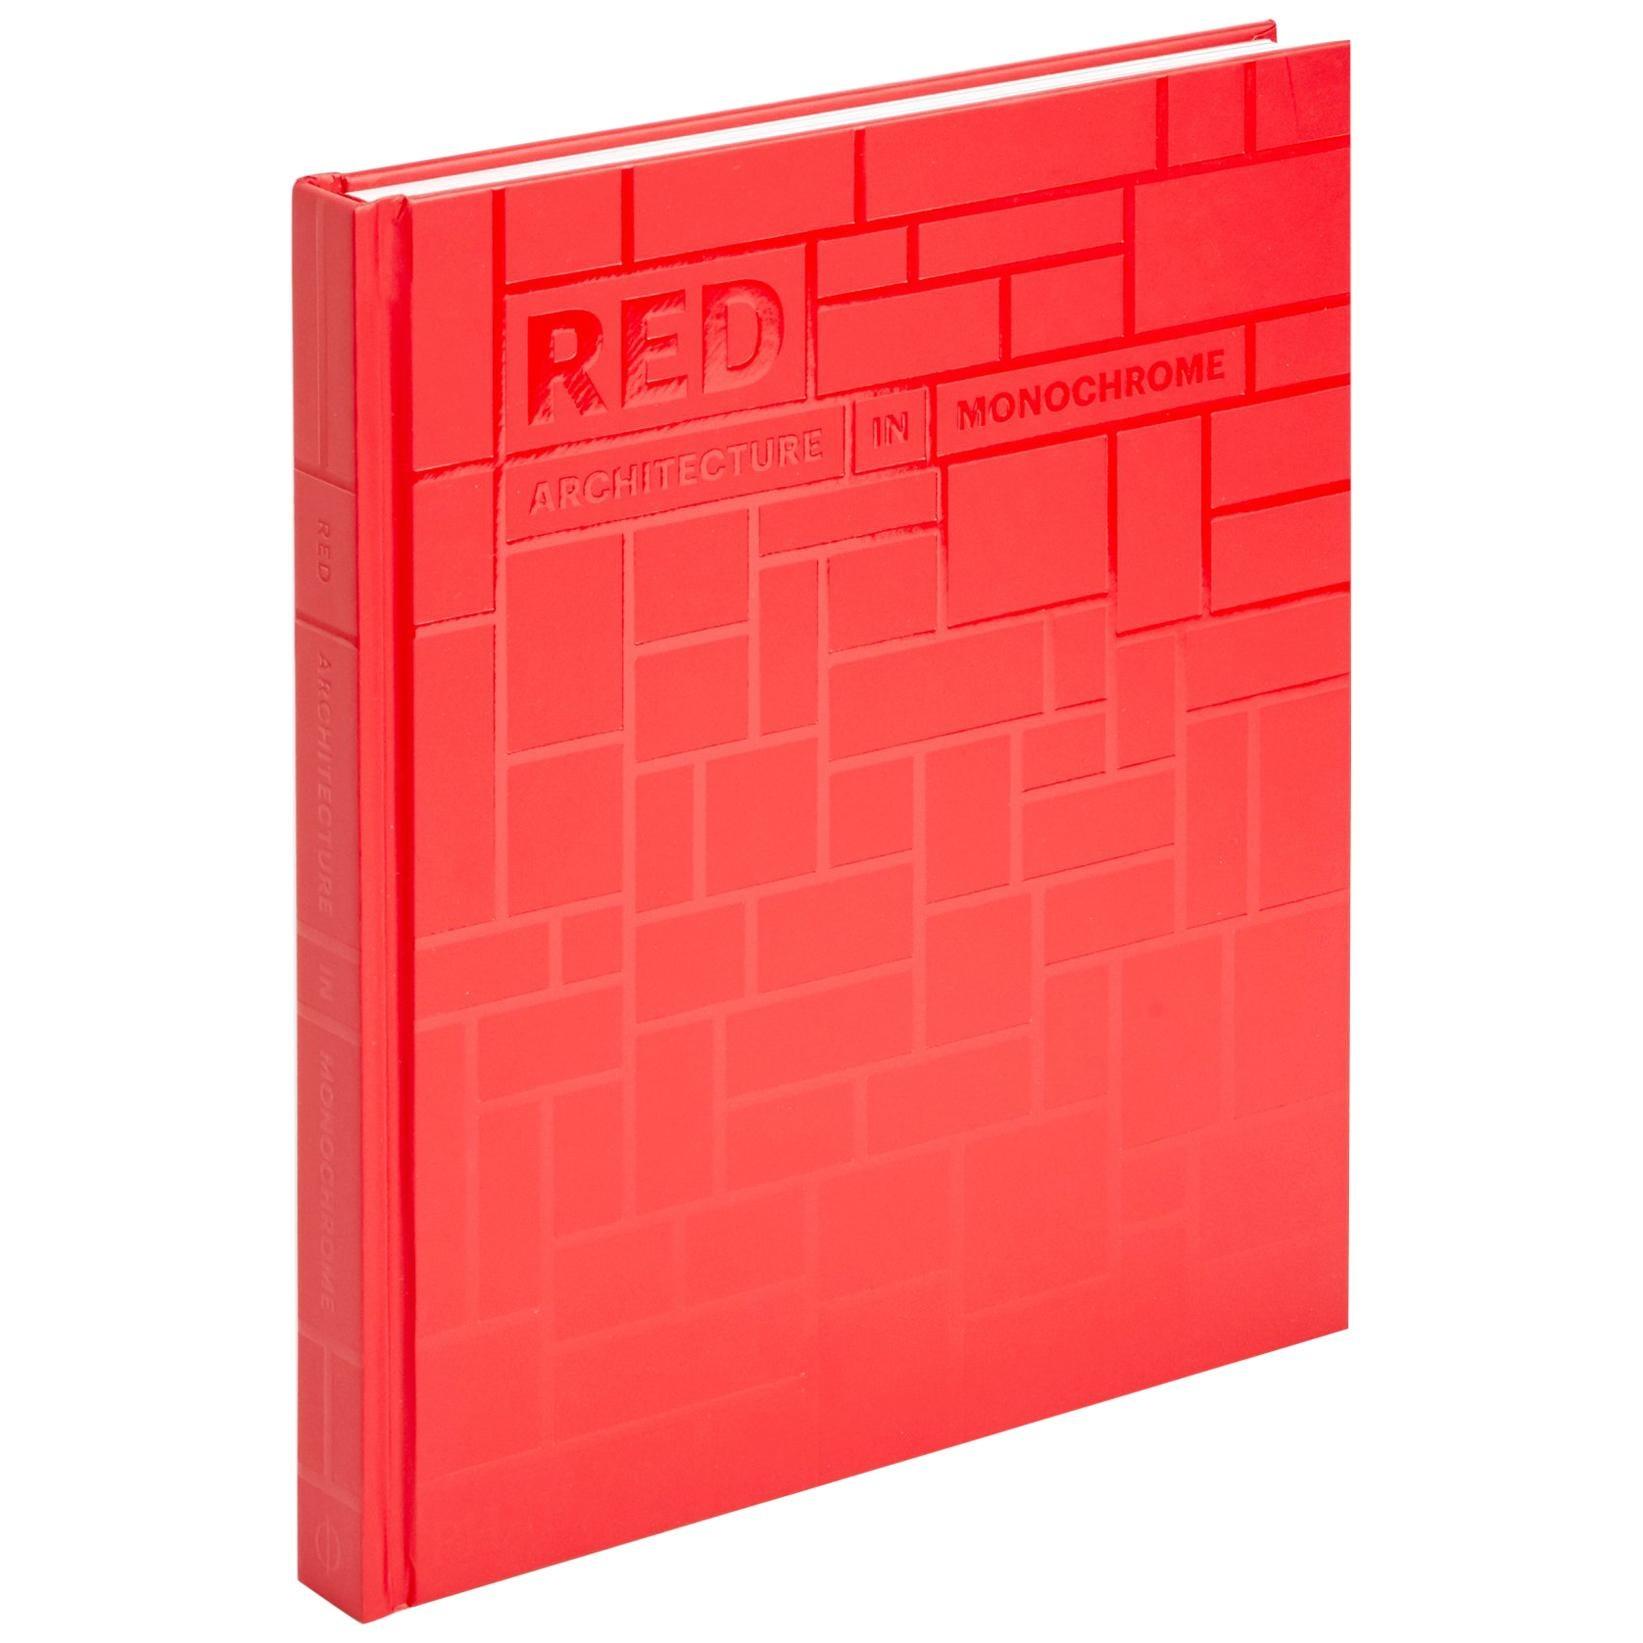 Red Architecture in Monochrome Book